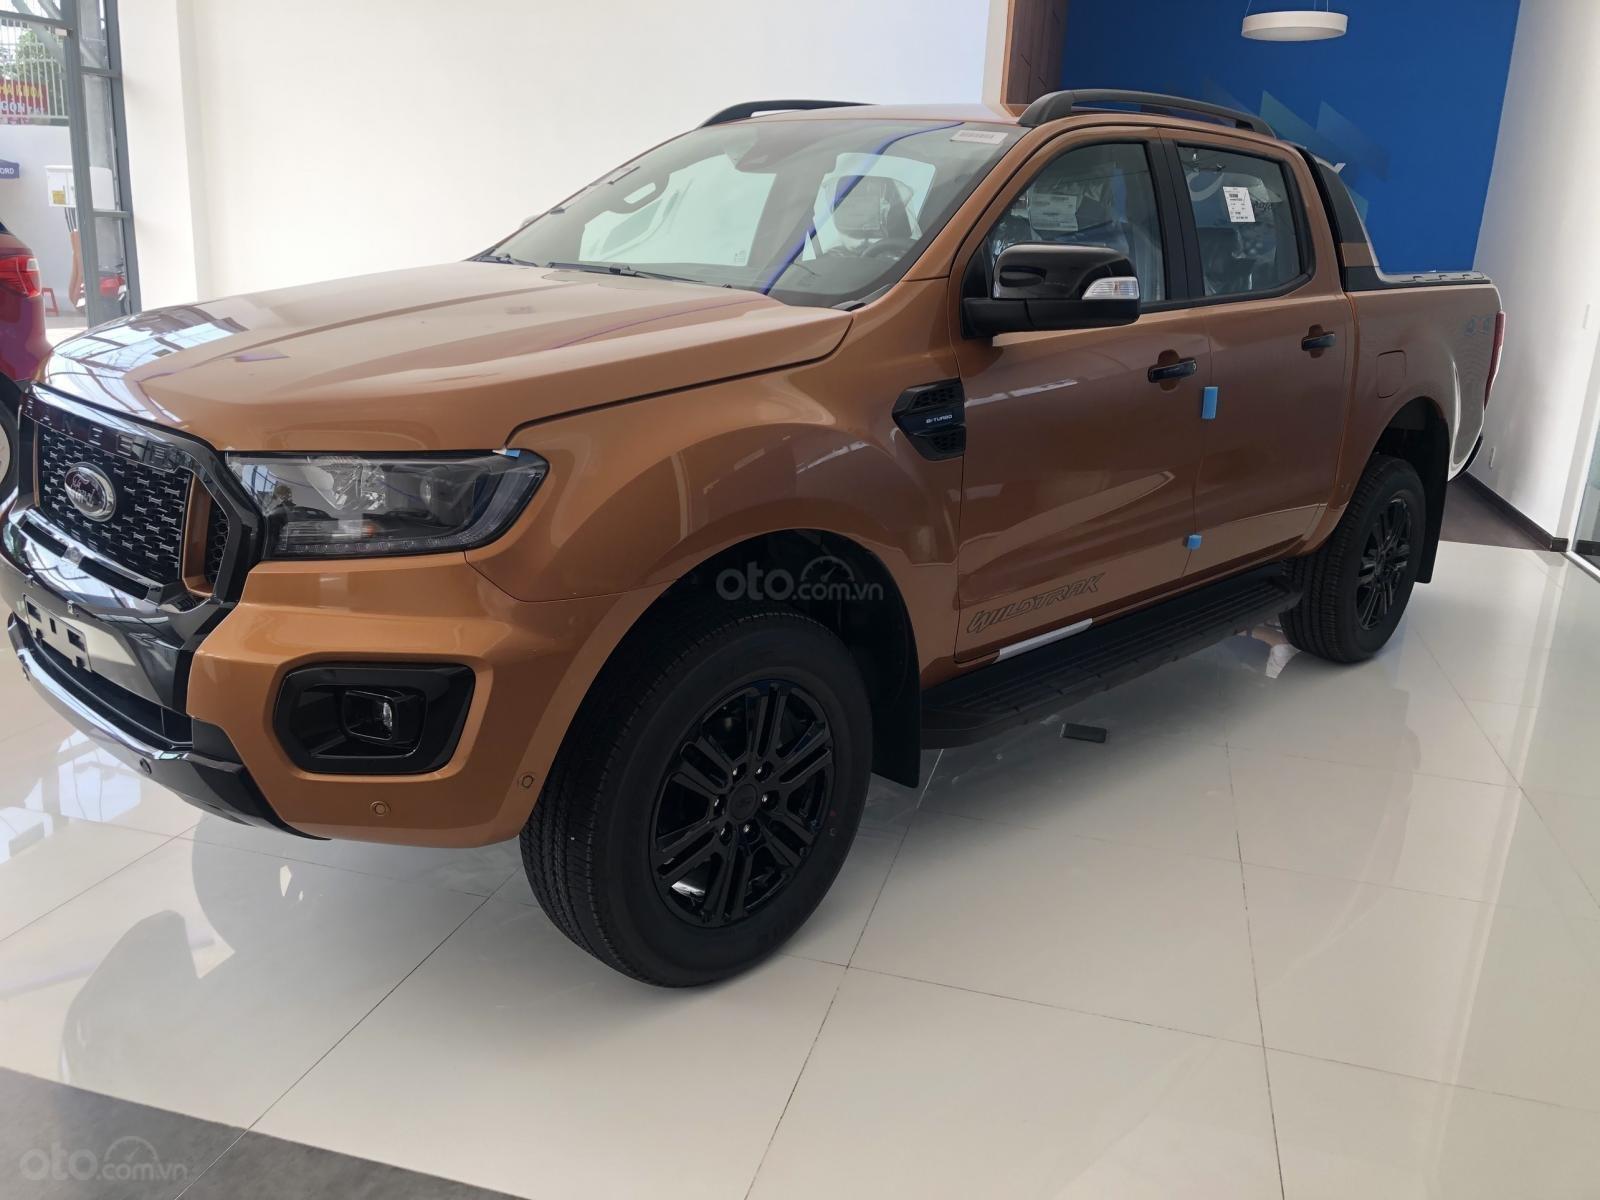 [Suối Tiên Ford - Q9] Ford Ranger Wildtrak Full Bi turbo 2021, ưu đãi ngay 25 triệu tiền mặt cùng loạt quà tặng hấp dẫn (2)